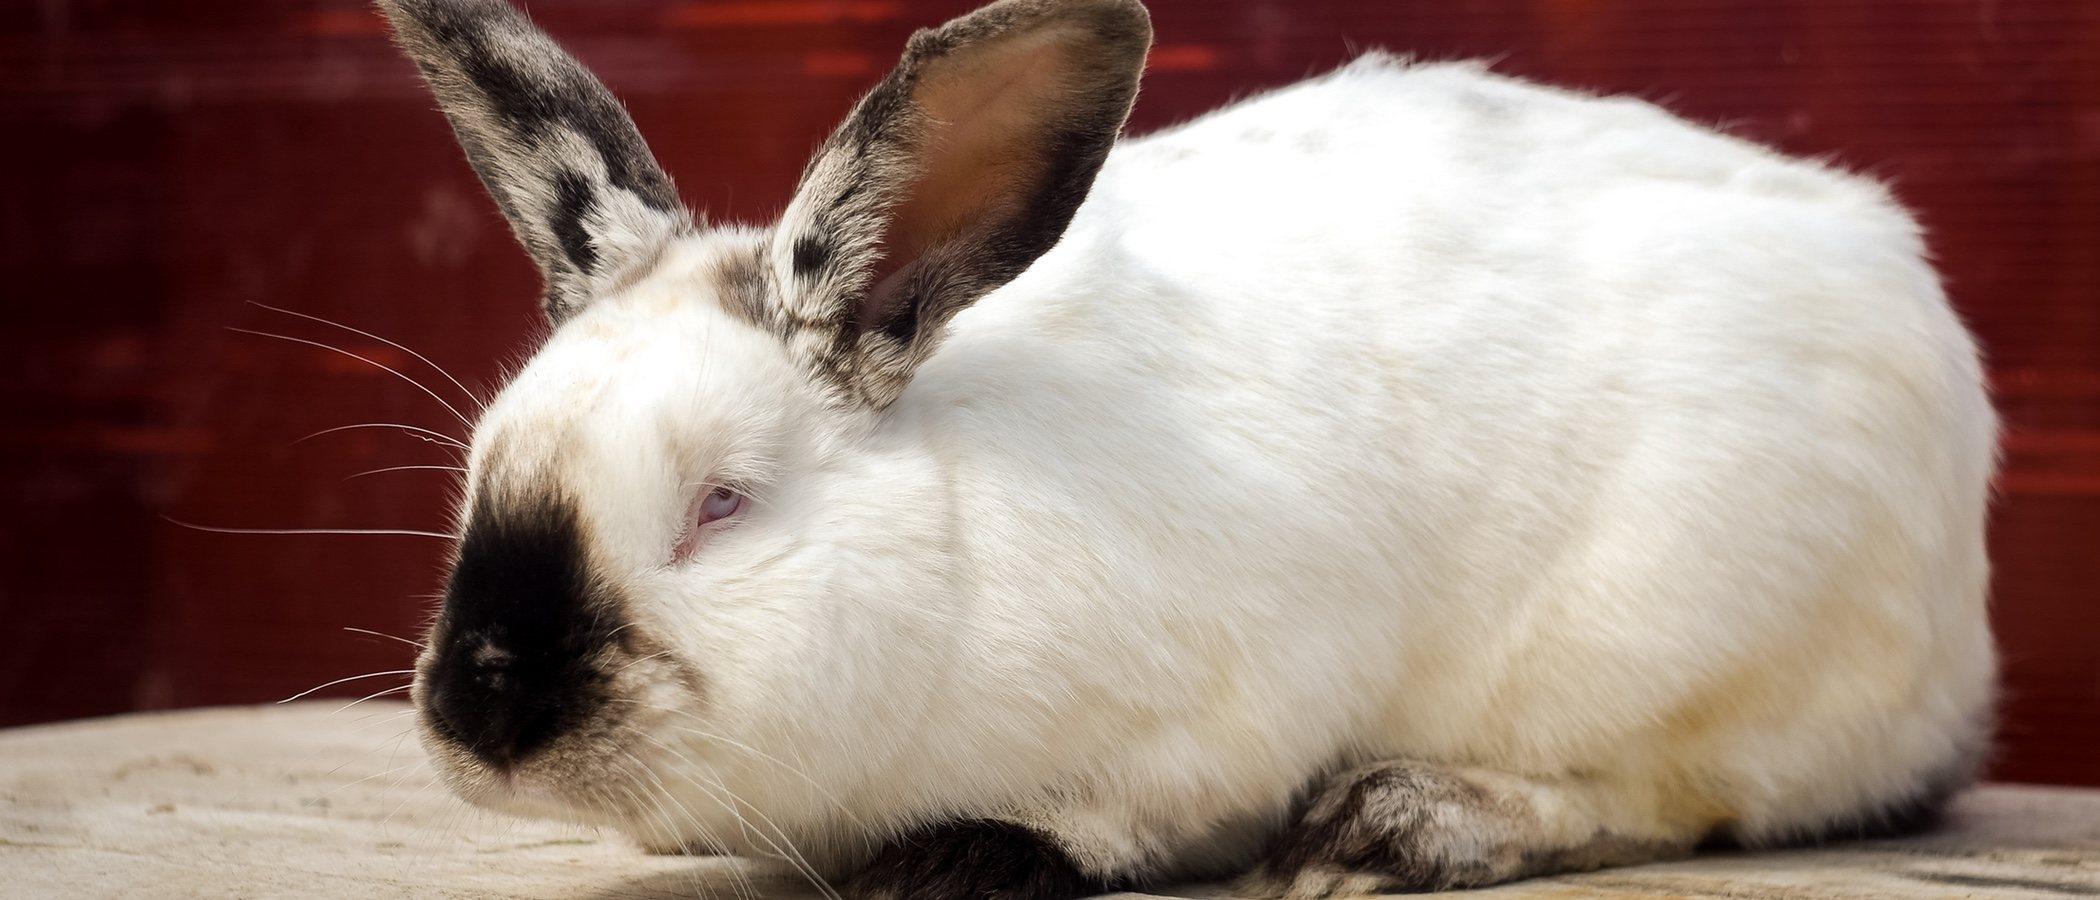 Conejo californiano: descubre todo sobre esta raza